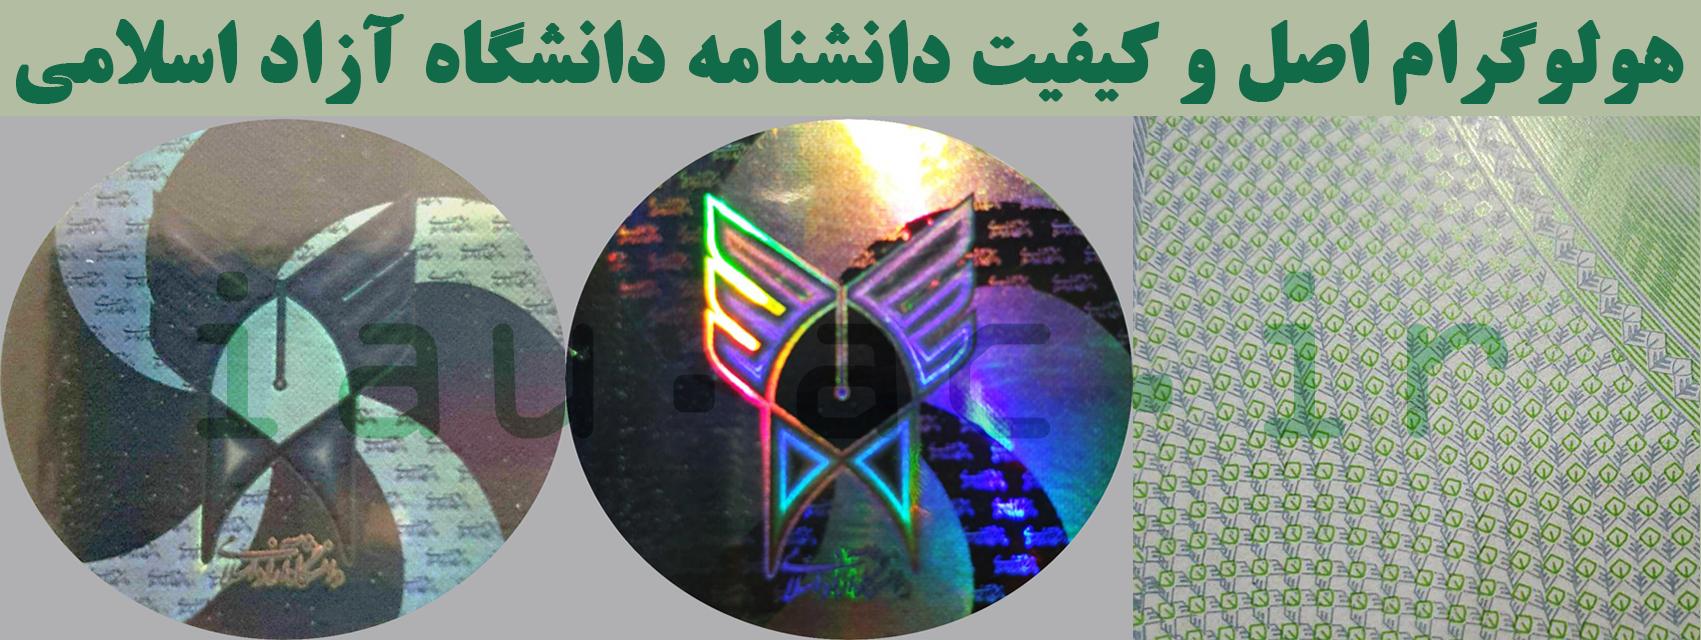 دانشنامه و مدرک تحصیلی دانشگاه آزاد اسلامی بیش از 15 ملاک امنیتی دارد و امکان جعل آن وجود ندارد